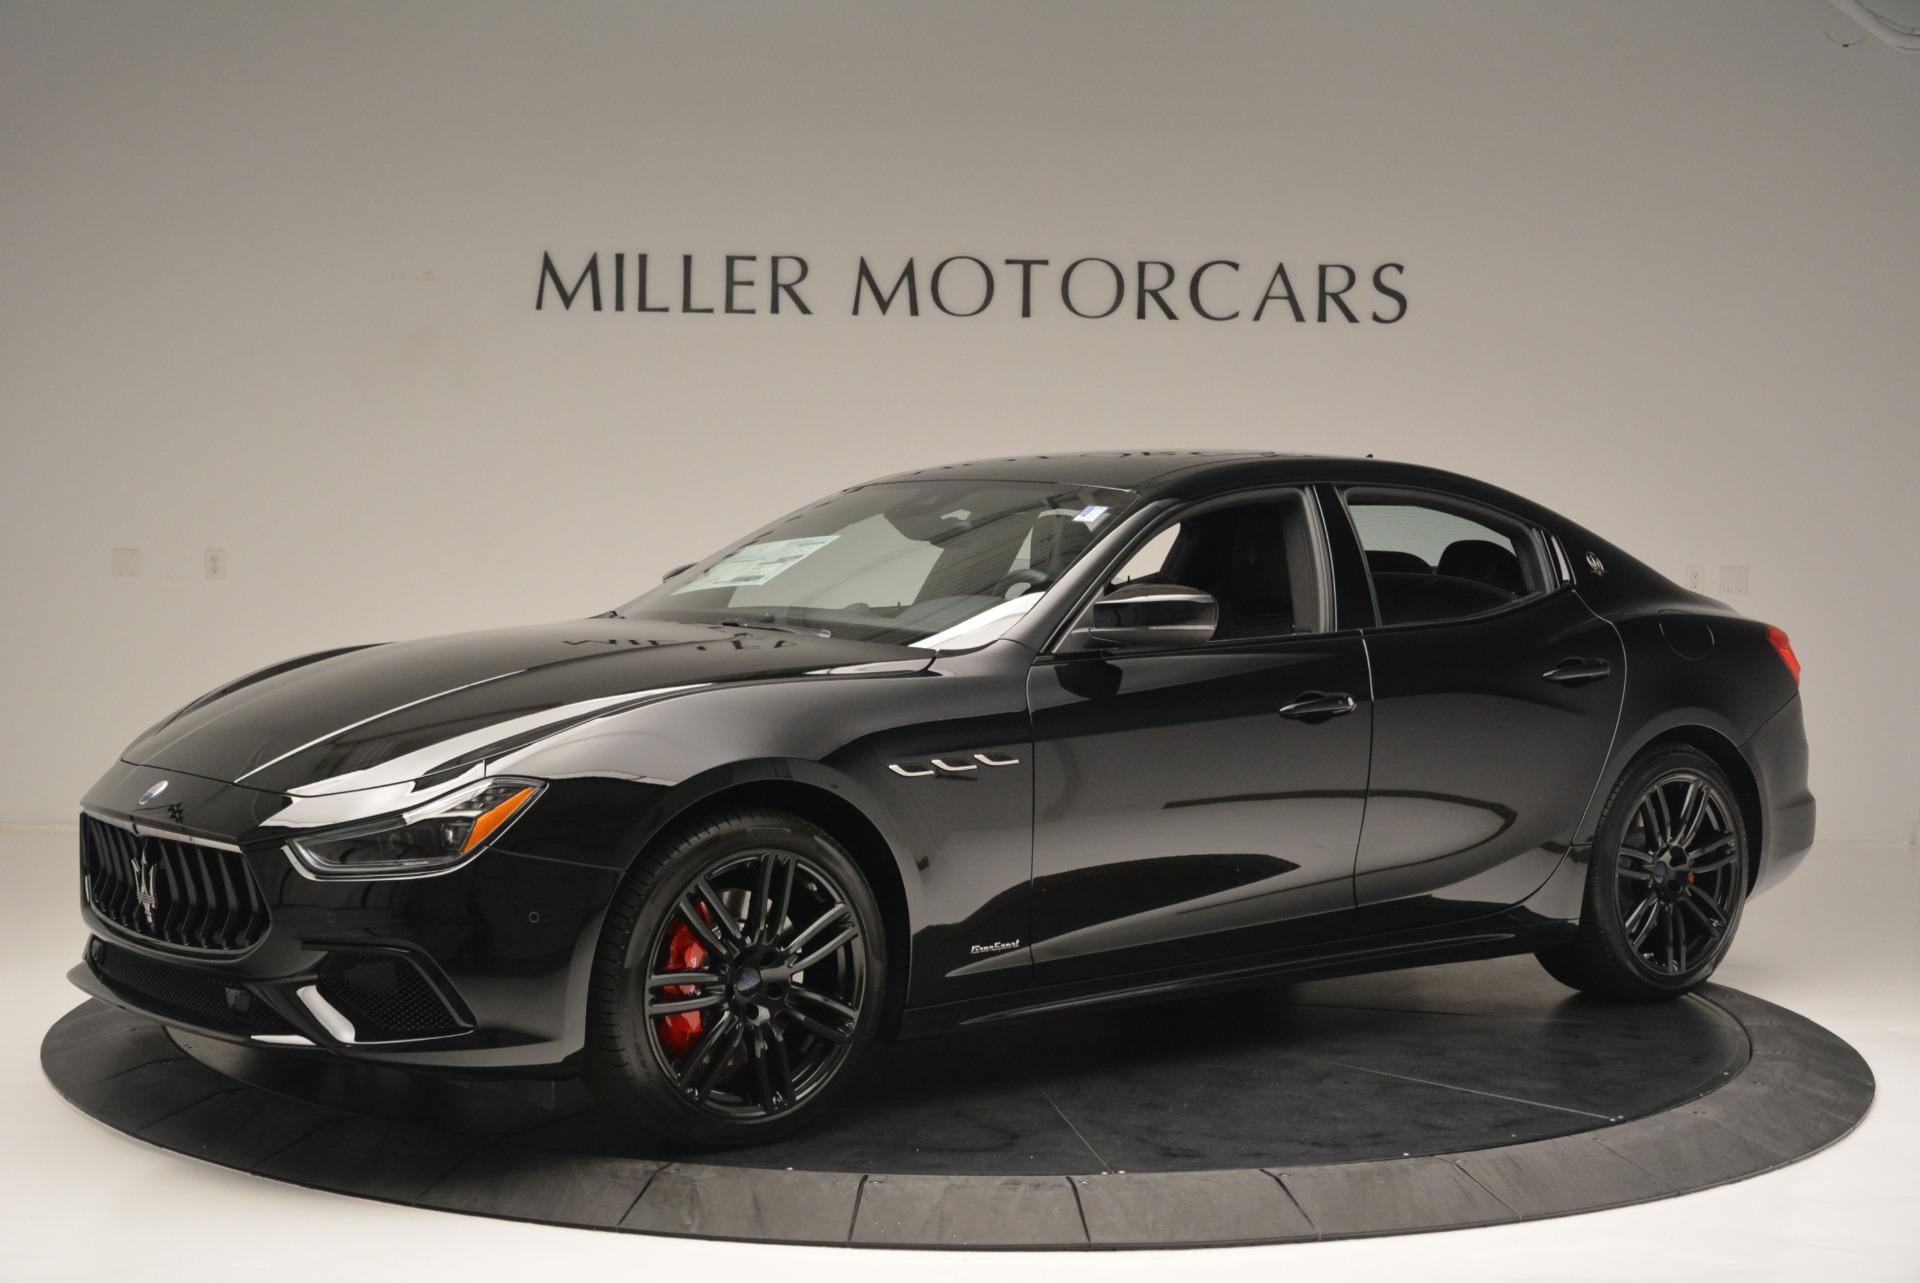 New 2018 Maserati Ghibli SQ4 GranSport Nerissimo For Sale In Greenwich, CT. Alfa Romeo of Greenwich, M2171 2366_p2